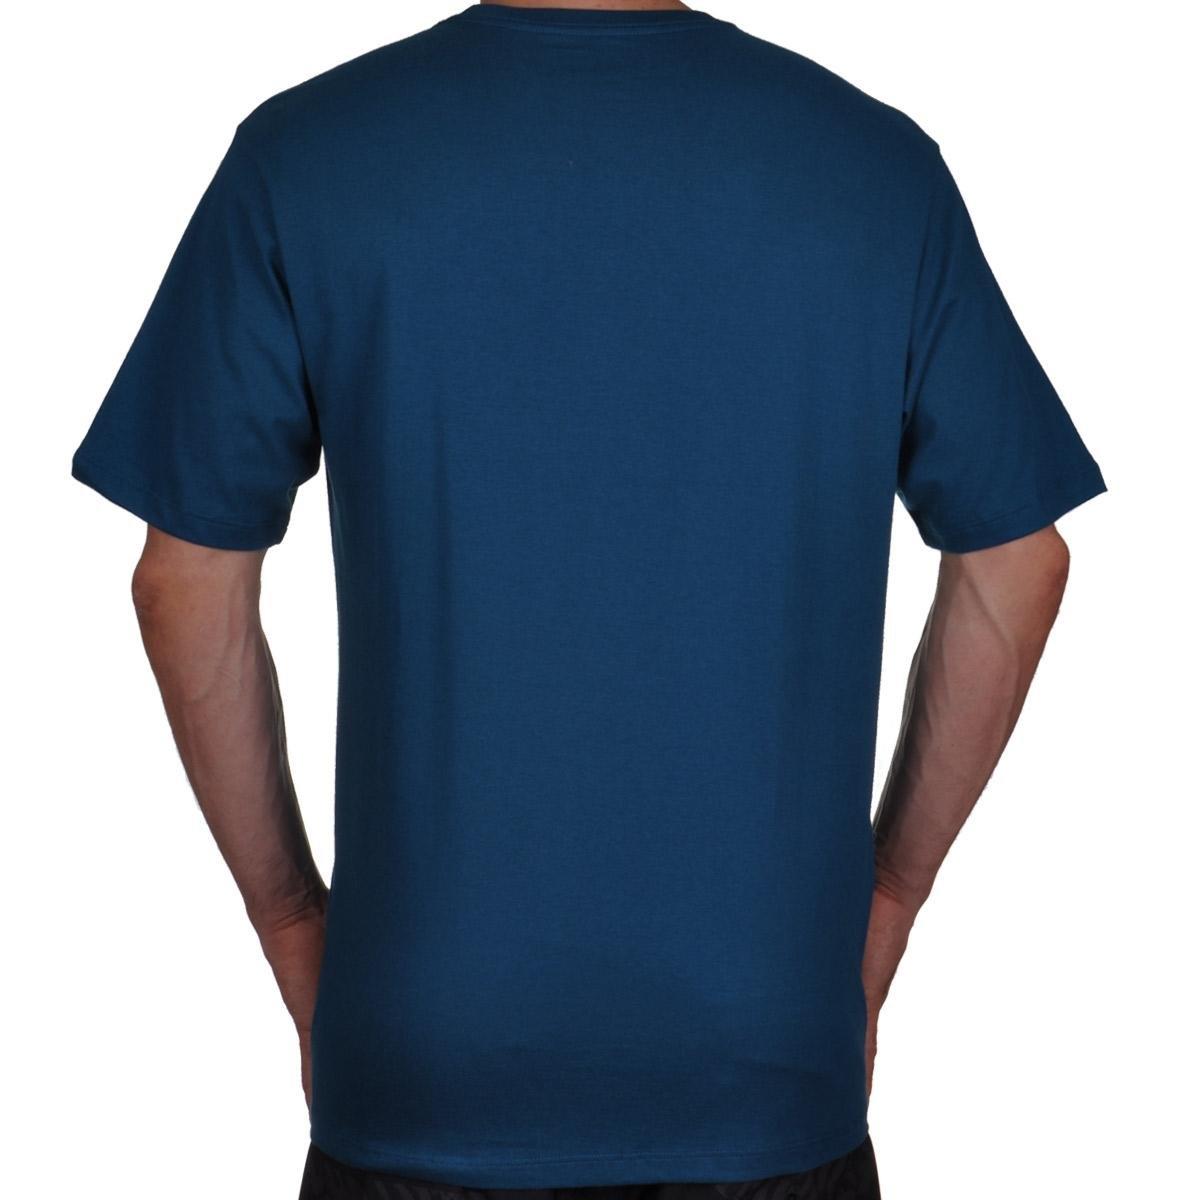 Camiseta Hurley Silk O O Masculina  Camiseta Hurley Silk O O Masculina ... d10f9389896